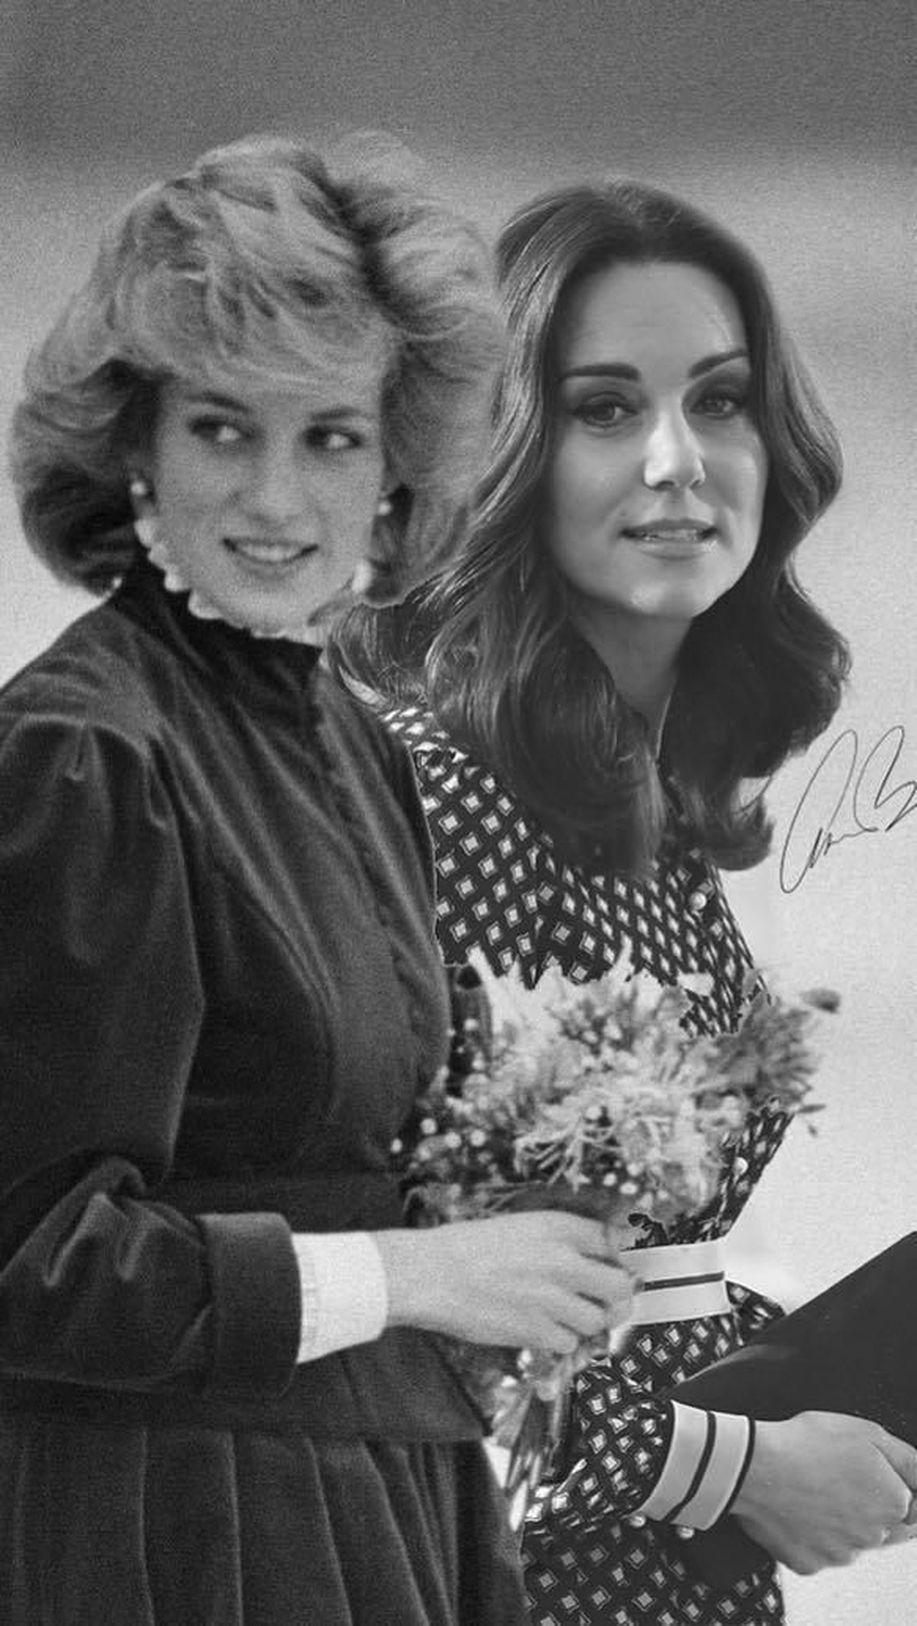 Seperti Ini Jadinya Jika Putri Diana Masih Hidup, Cantiknya Bikin Terpana https://t.co/7vVKtr54fP via @wolipop https://t.co/O91D0mzpjG